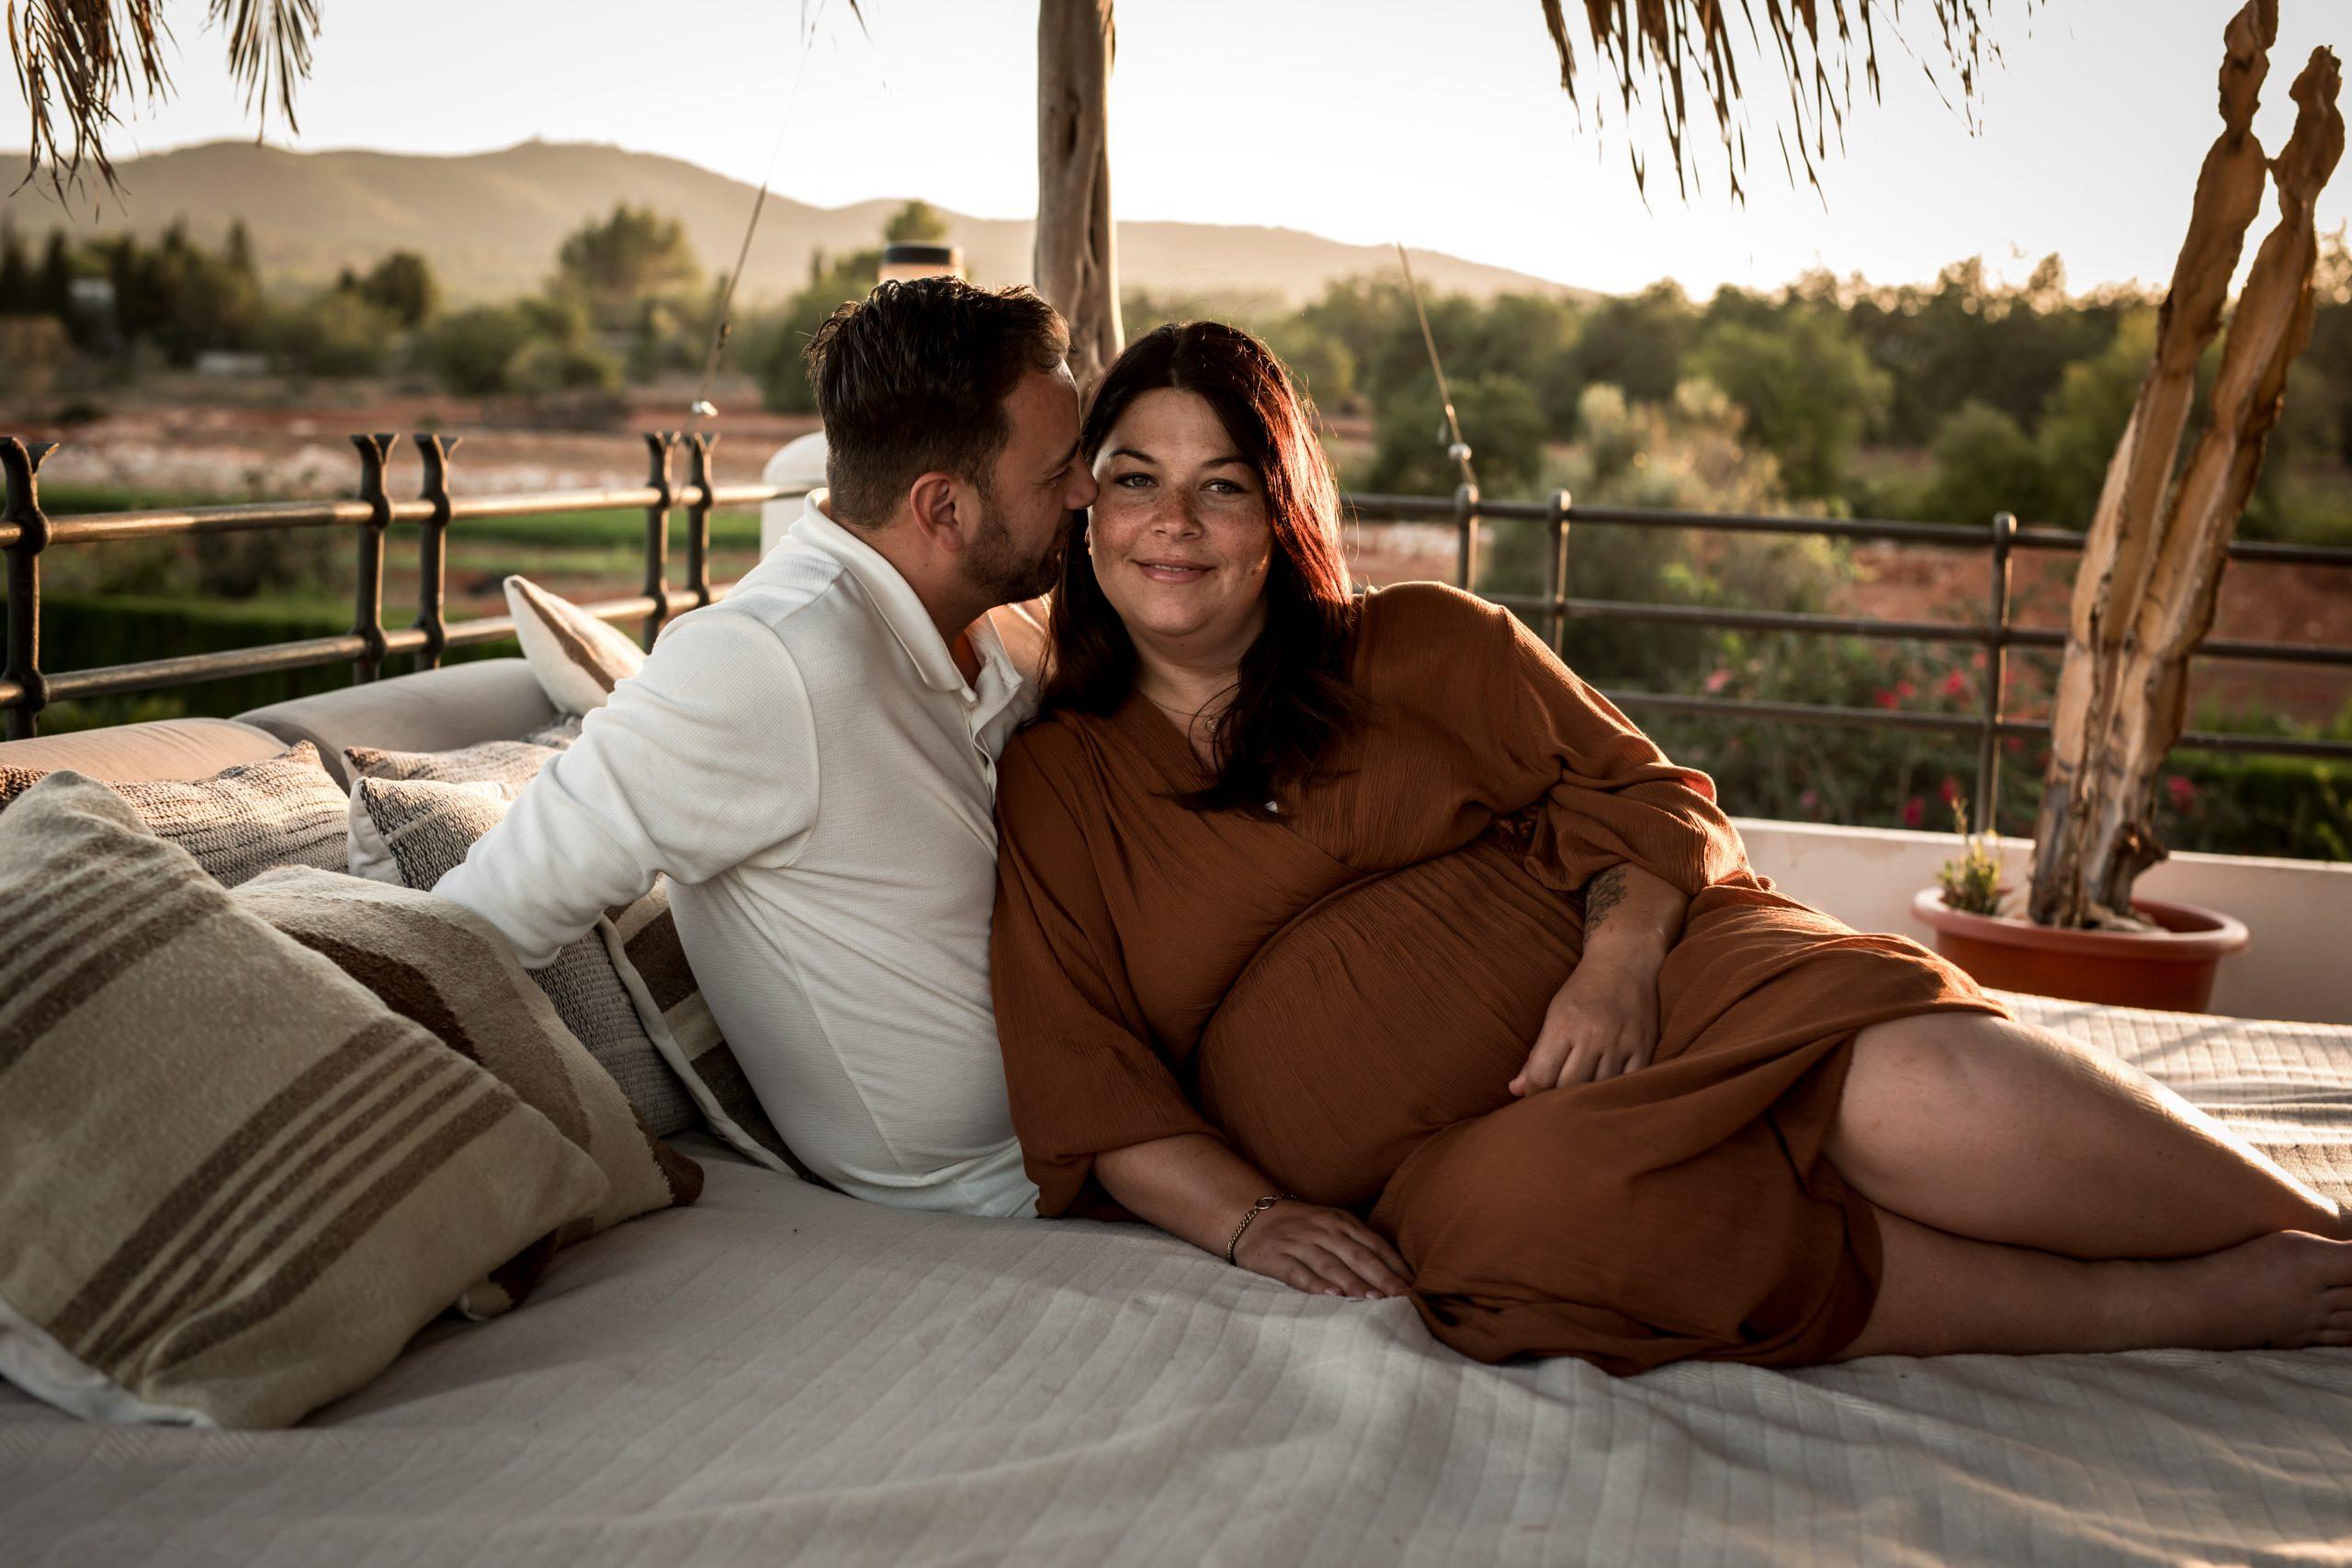 Zwangerschapsfotografie - Pure Life Geboortefotografie